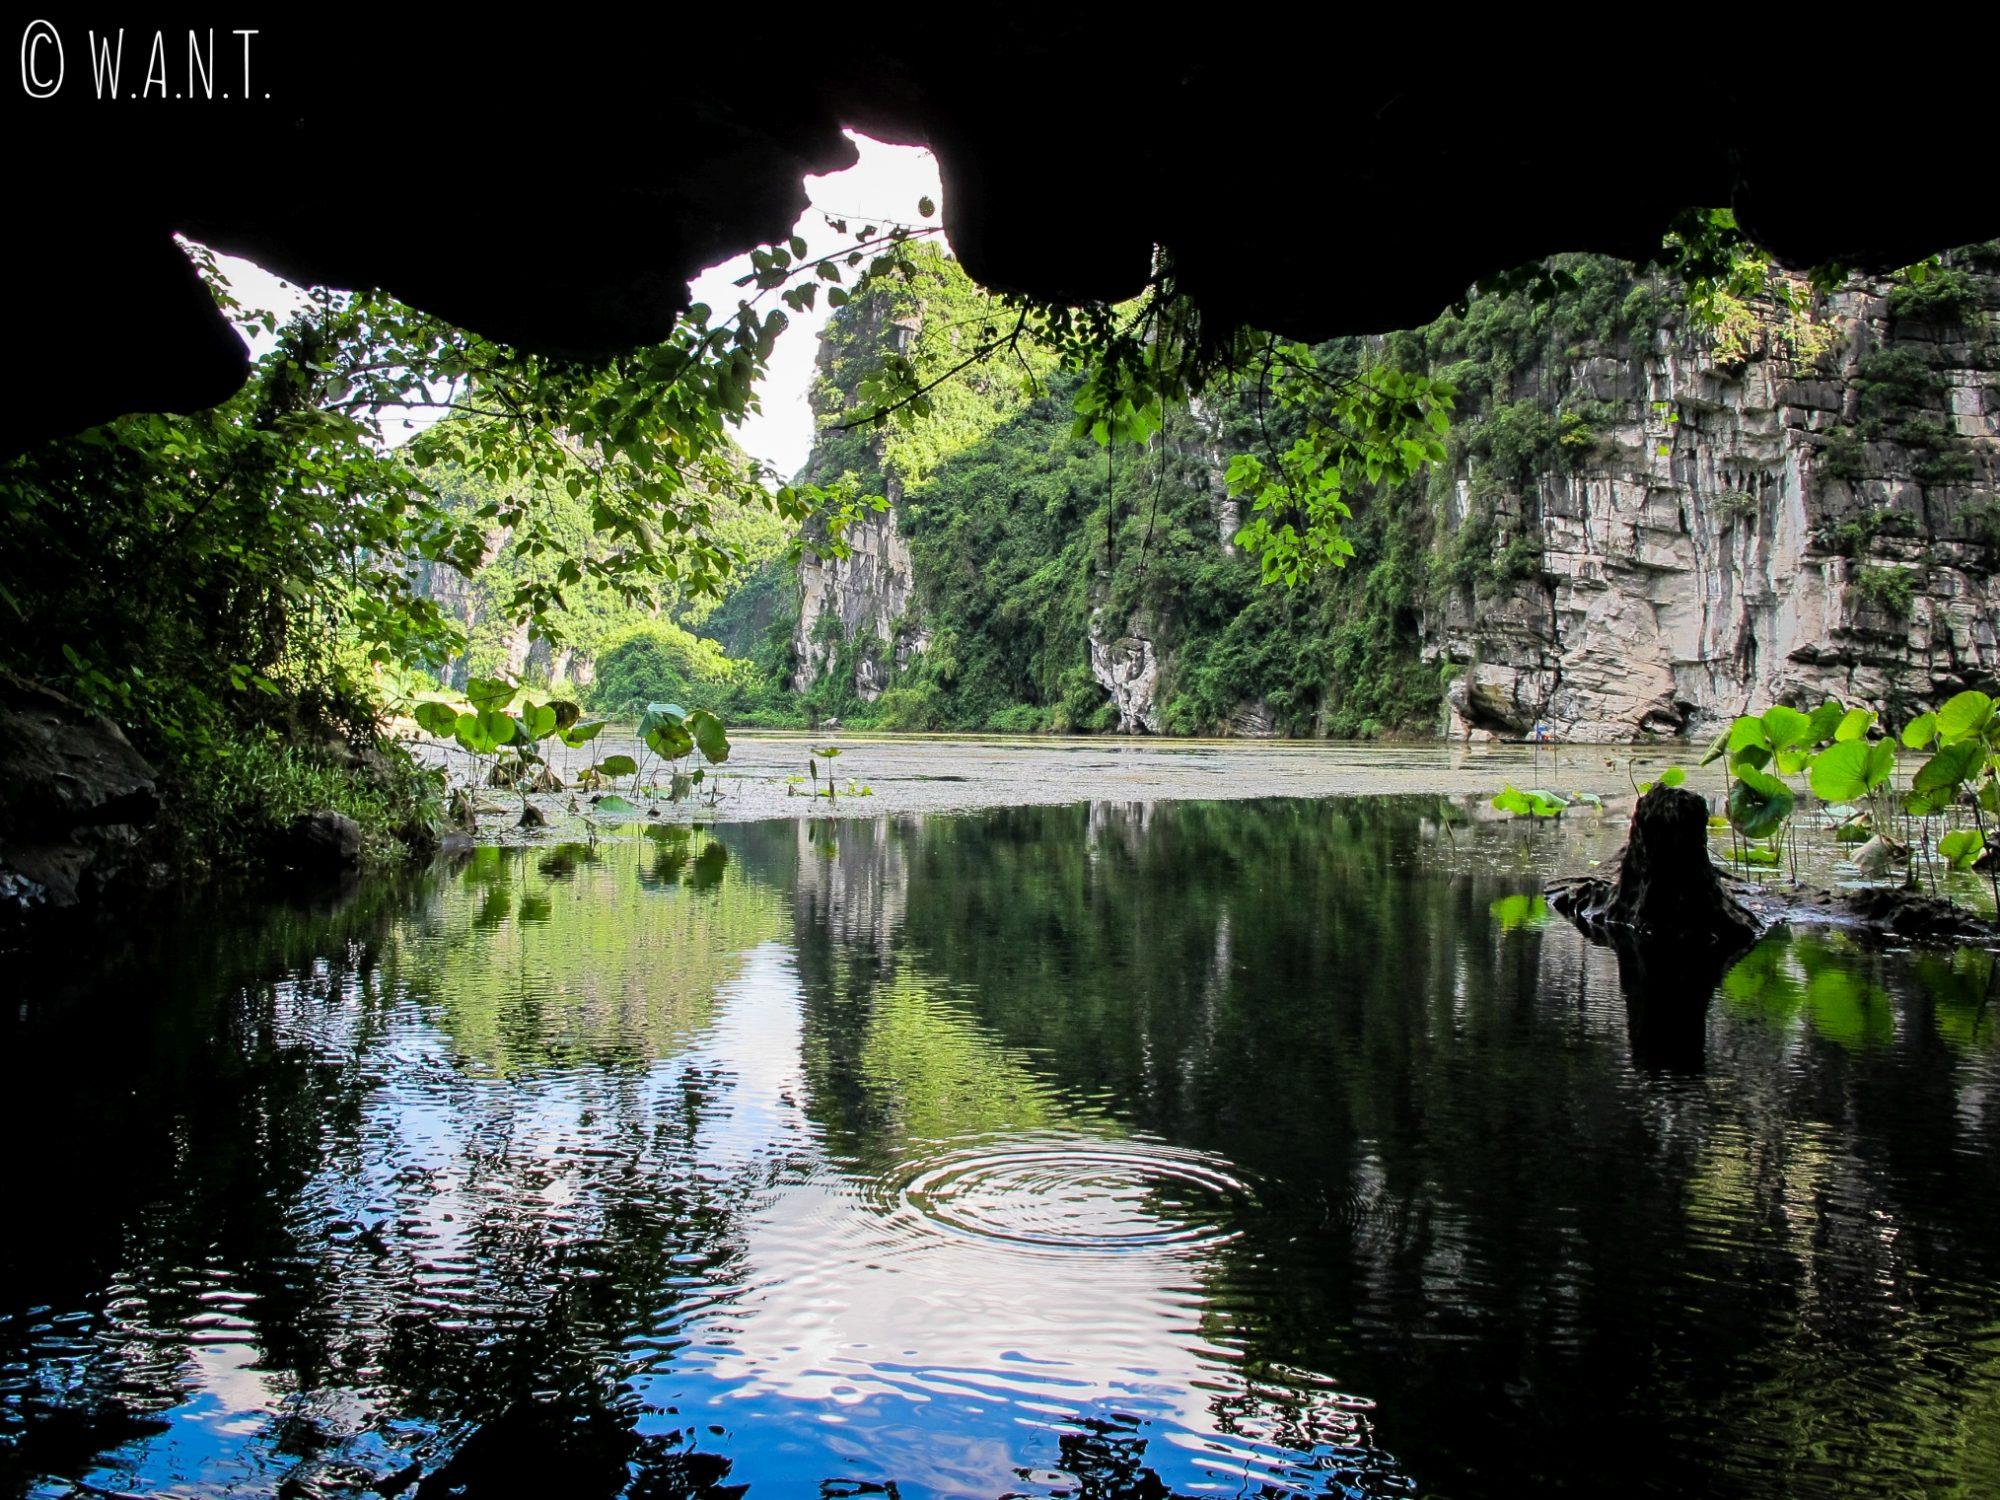 Lors de notre promenade en barque à Trang An, nous avons visité des grottes